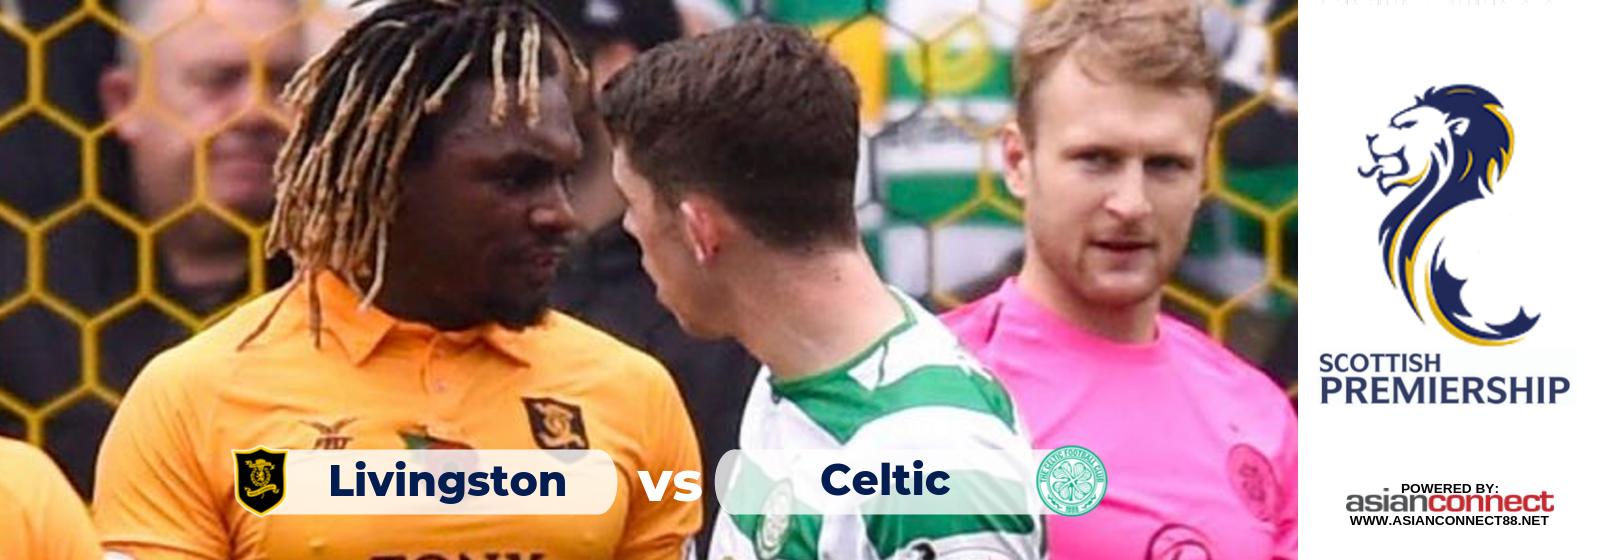 Scottish Premiership Livingston Vs. Celtic Asian Connect